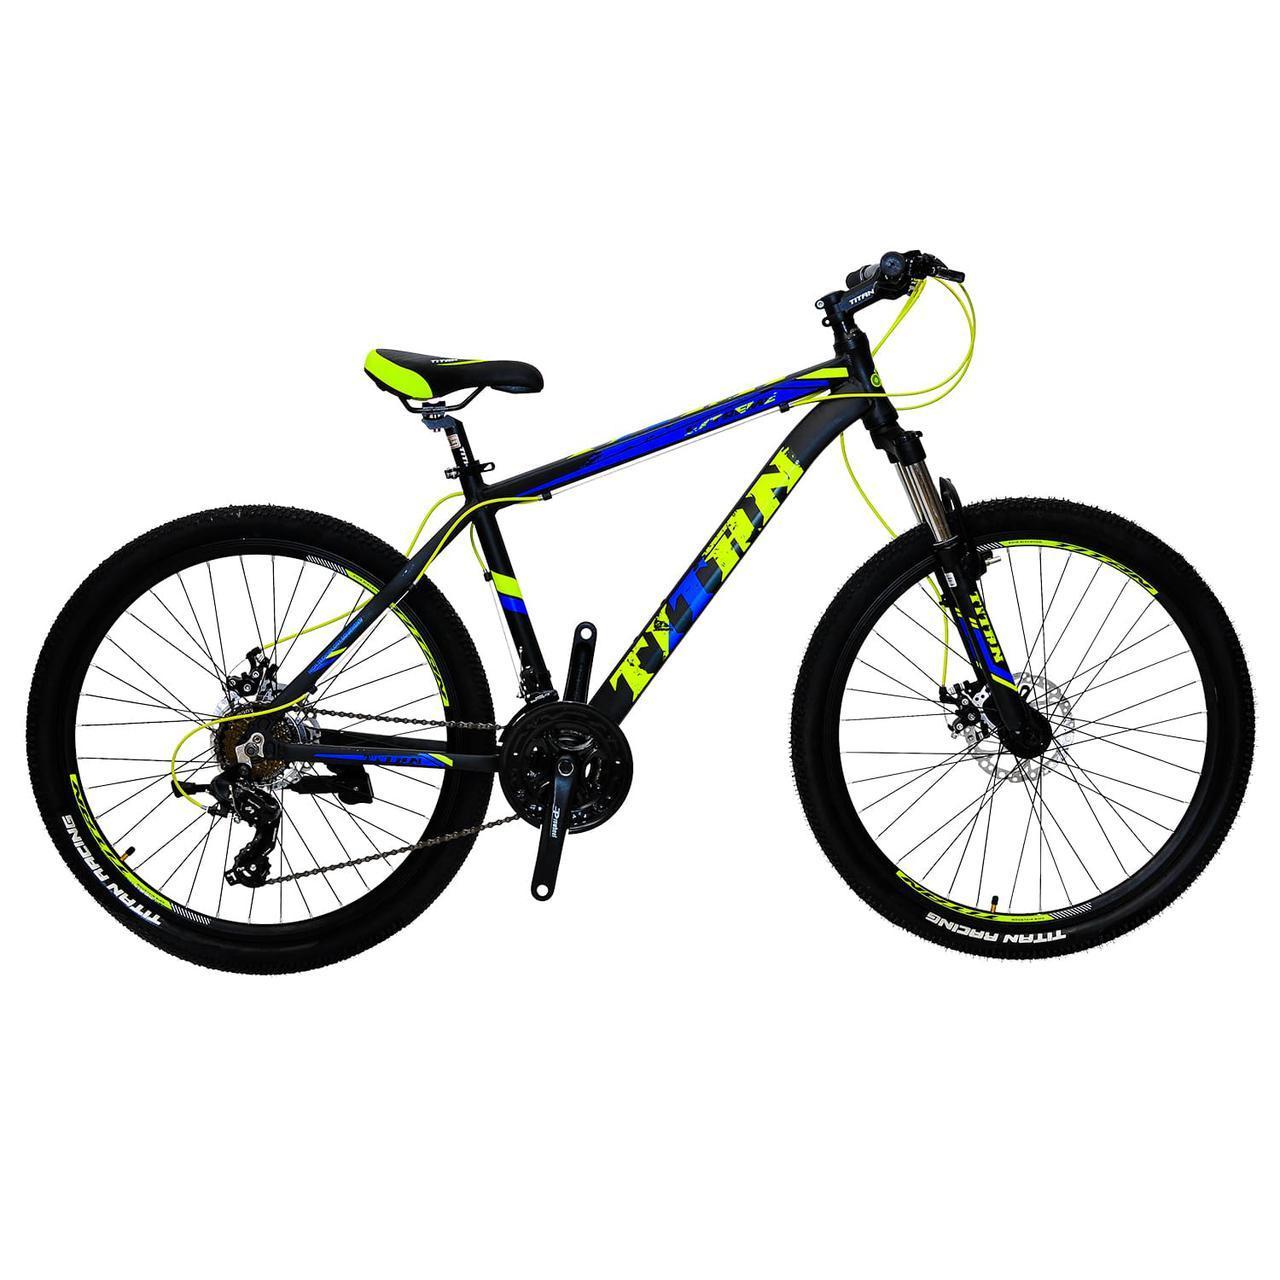 🚲Горный алюминиевый велосипед TITAN EXTREME DD; рама 17; колеса 26